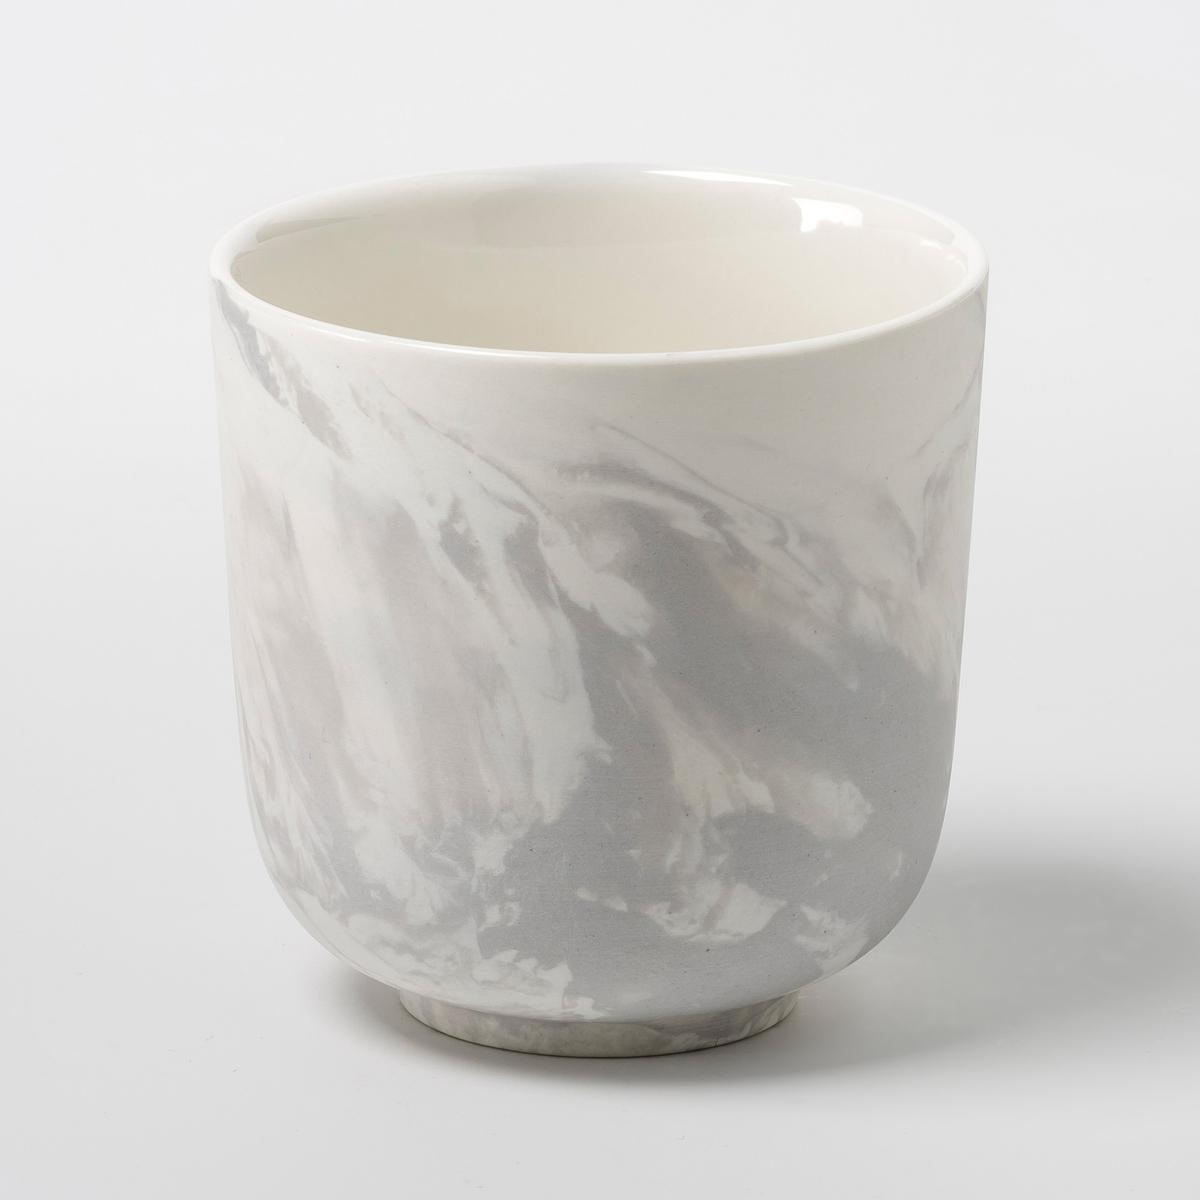 Комплект из 2 фарфоровых чашек Marbretta<br><br>Цвет: серый<br>Размер: единый размер